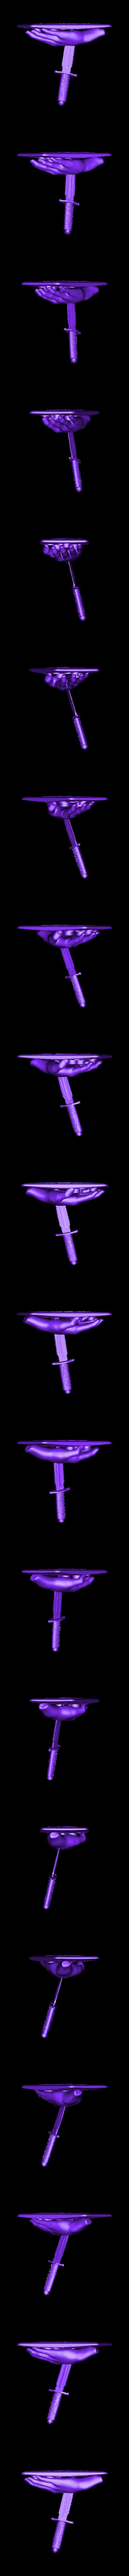 Knife  high poly obj.OBJ Download OBJ file knife • 3D print design, walades